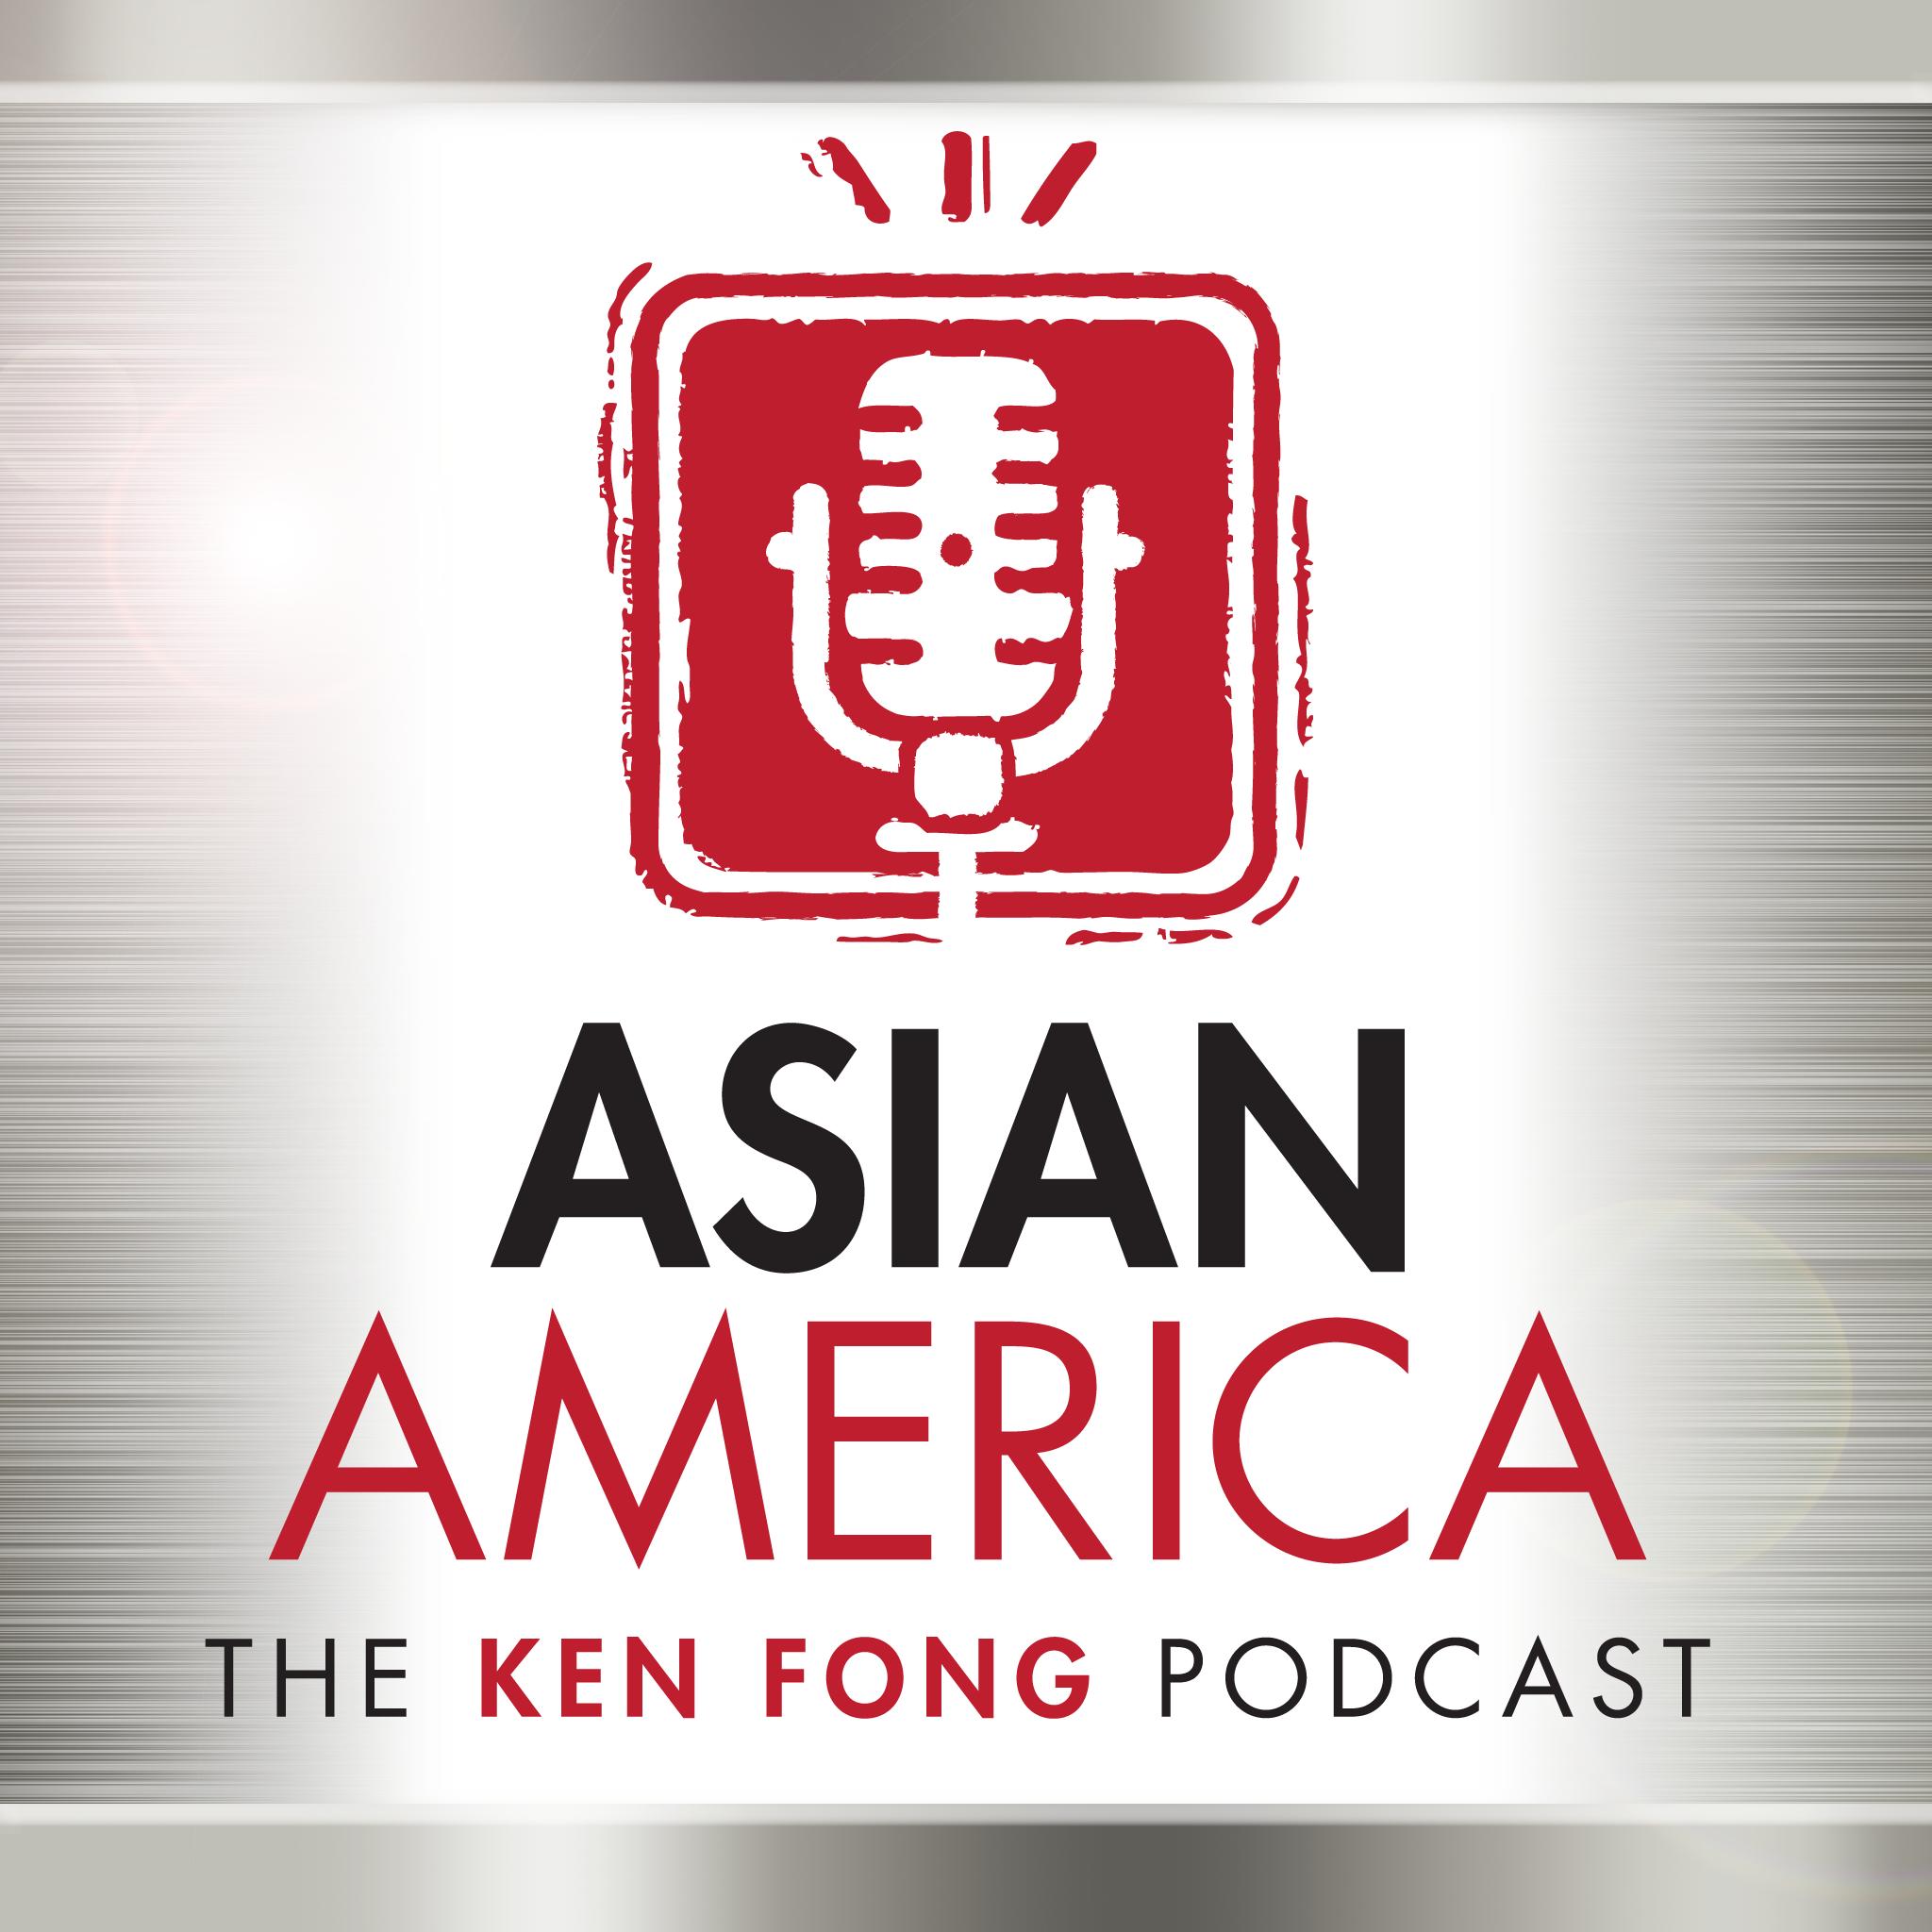 ASIAN AMERICA: THE KEN FONG PODCAST show art